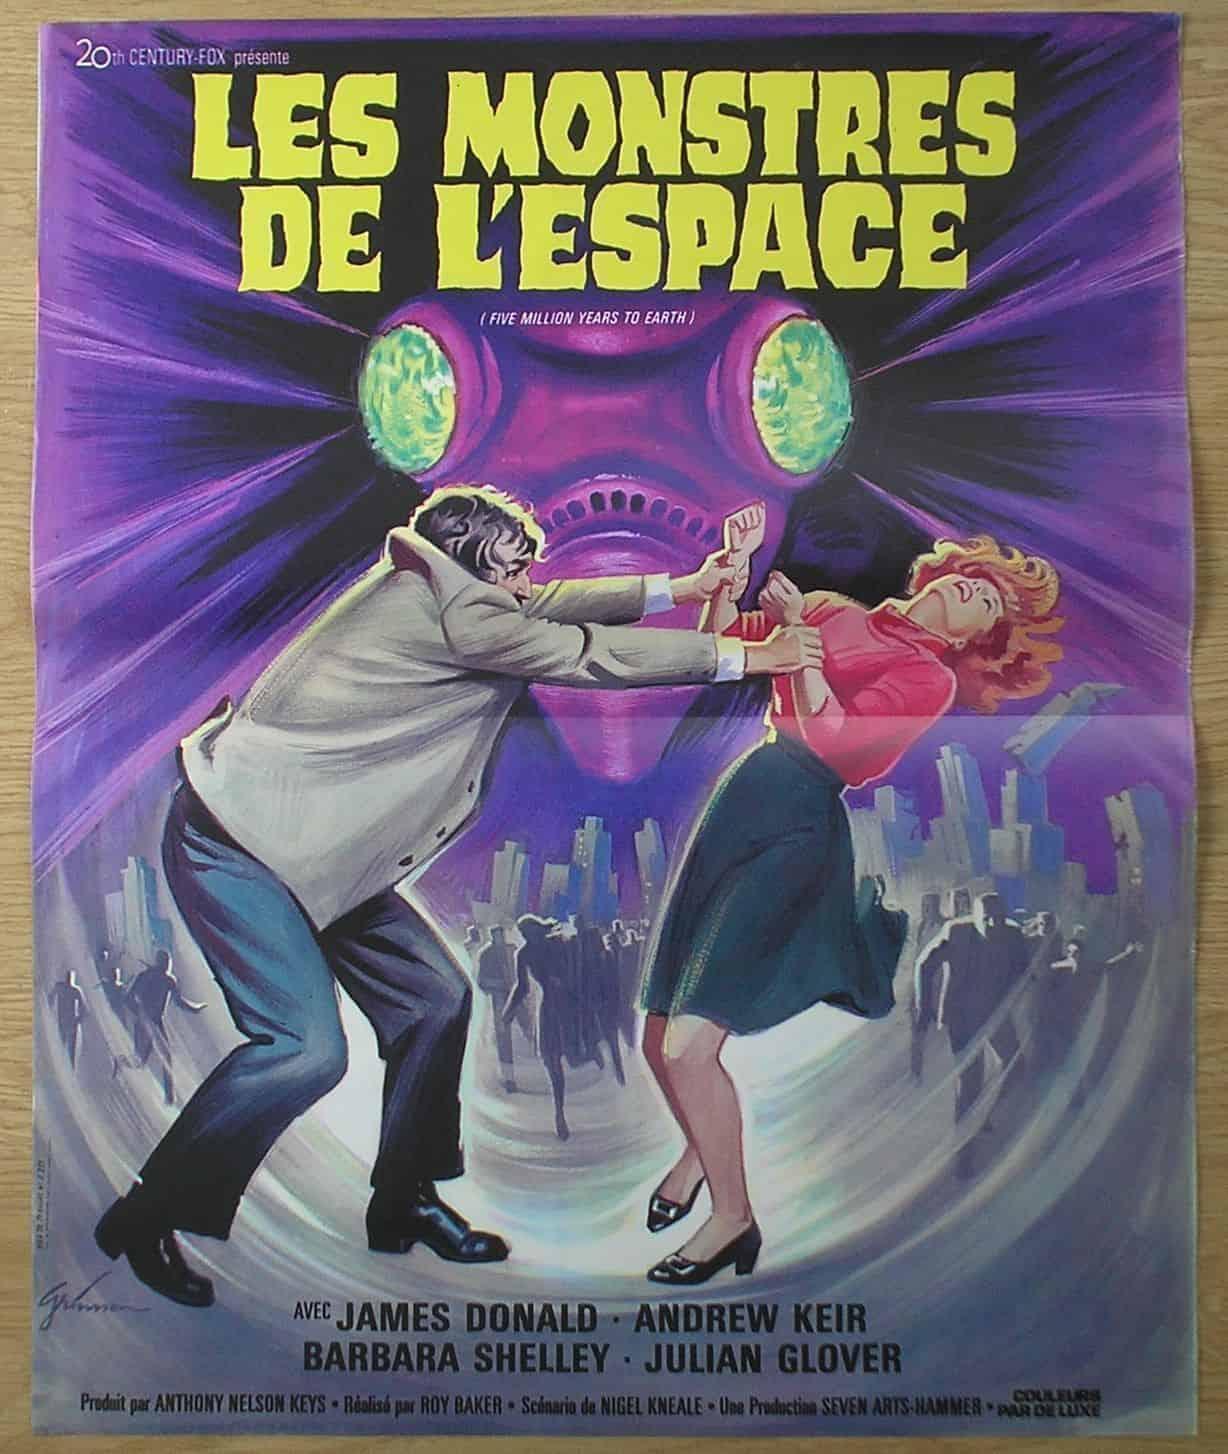 Movie Posters We Love: Les Monstres de l'espace (1967)